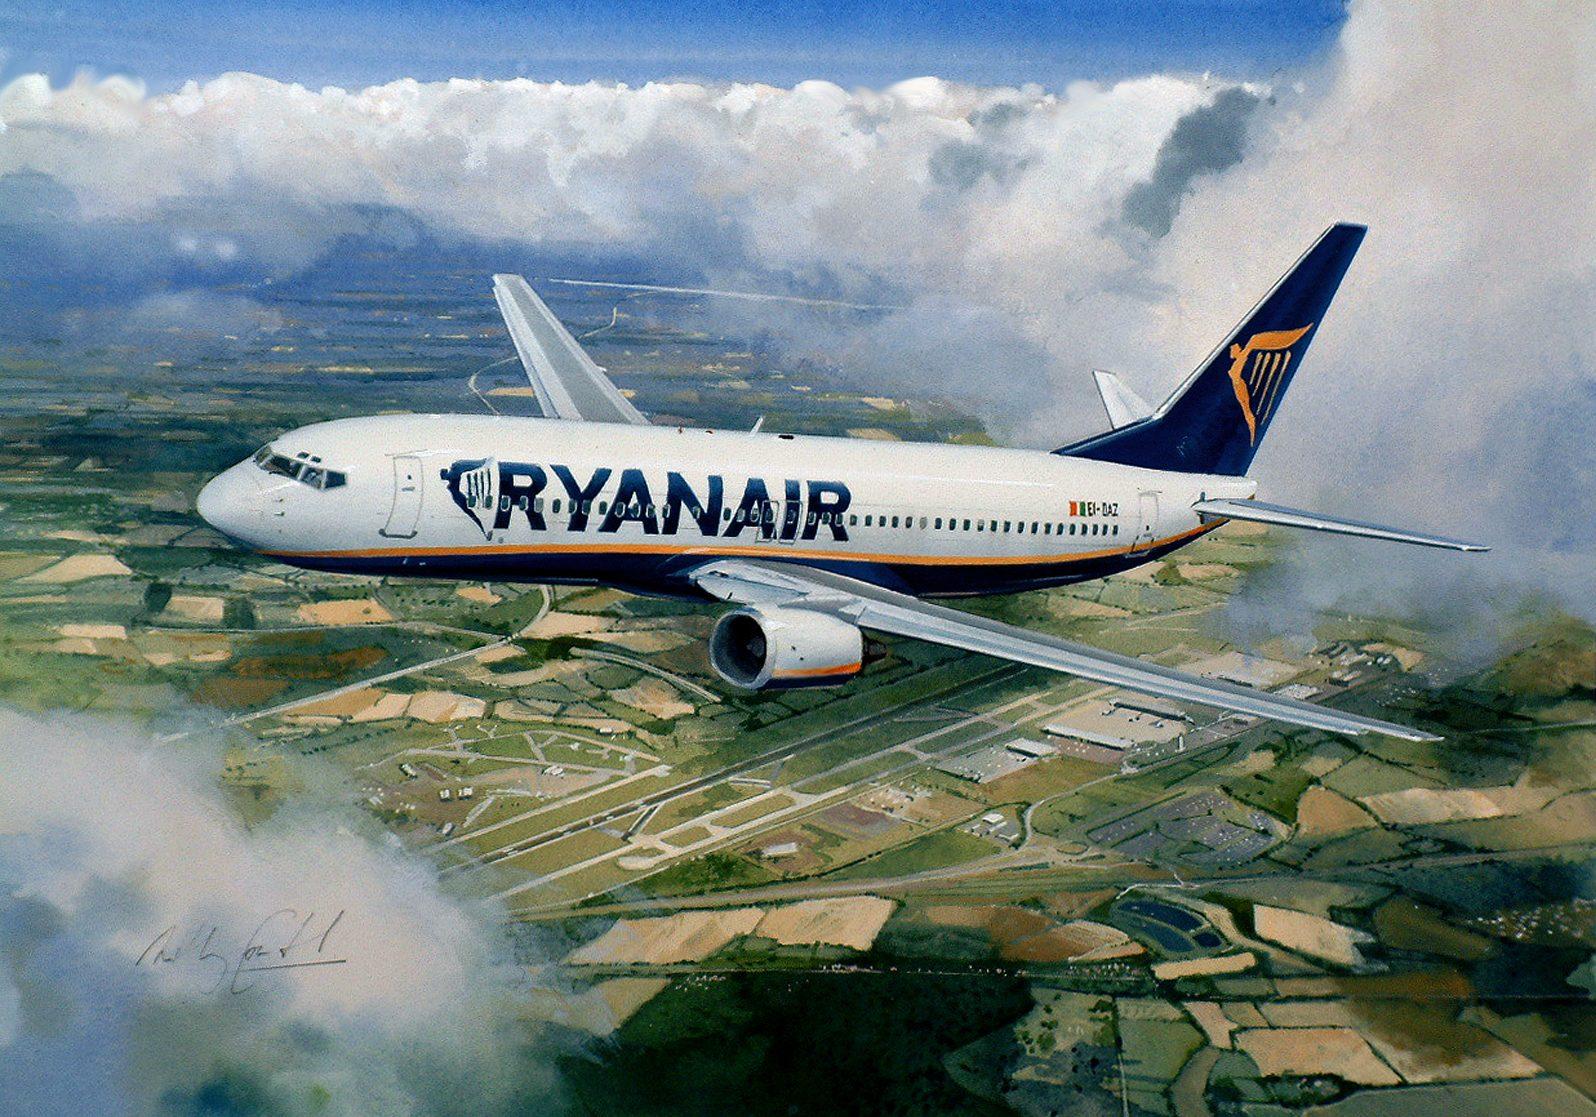 Ryanair - Last of the Summer Sun